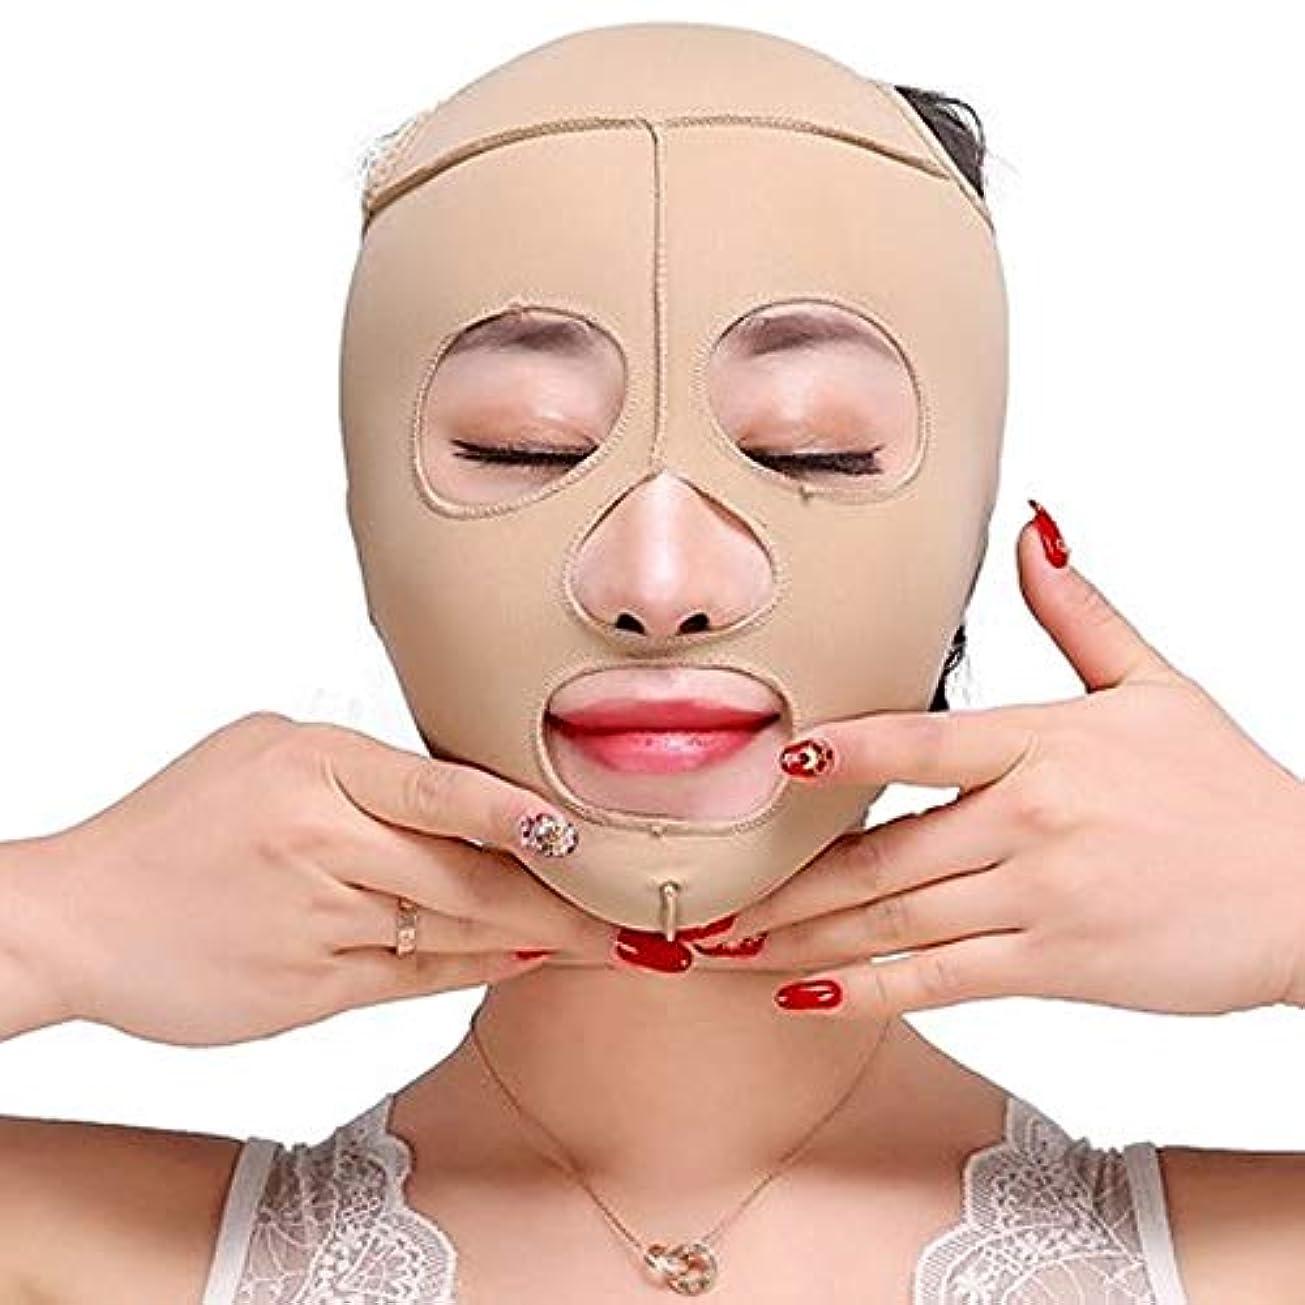 過敏なサイドボード神秘的なMinmin フェイスリフティングアーティファクト睡眠薄い顔顔の顔薄い顔V顔マスク二重あご薄い顔包帯肌色 みんみんVラインフェイスマスク (Size : S)